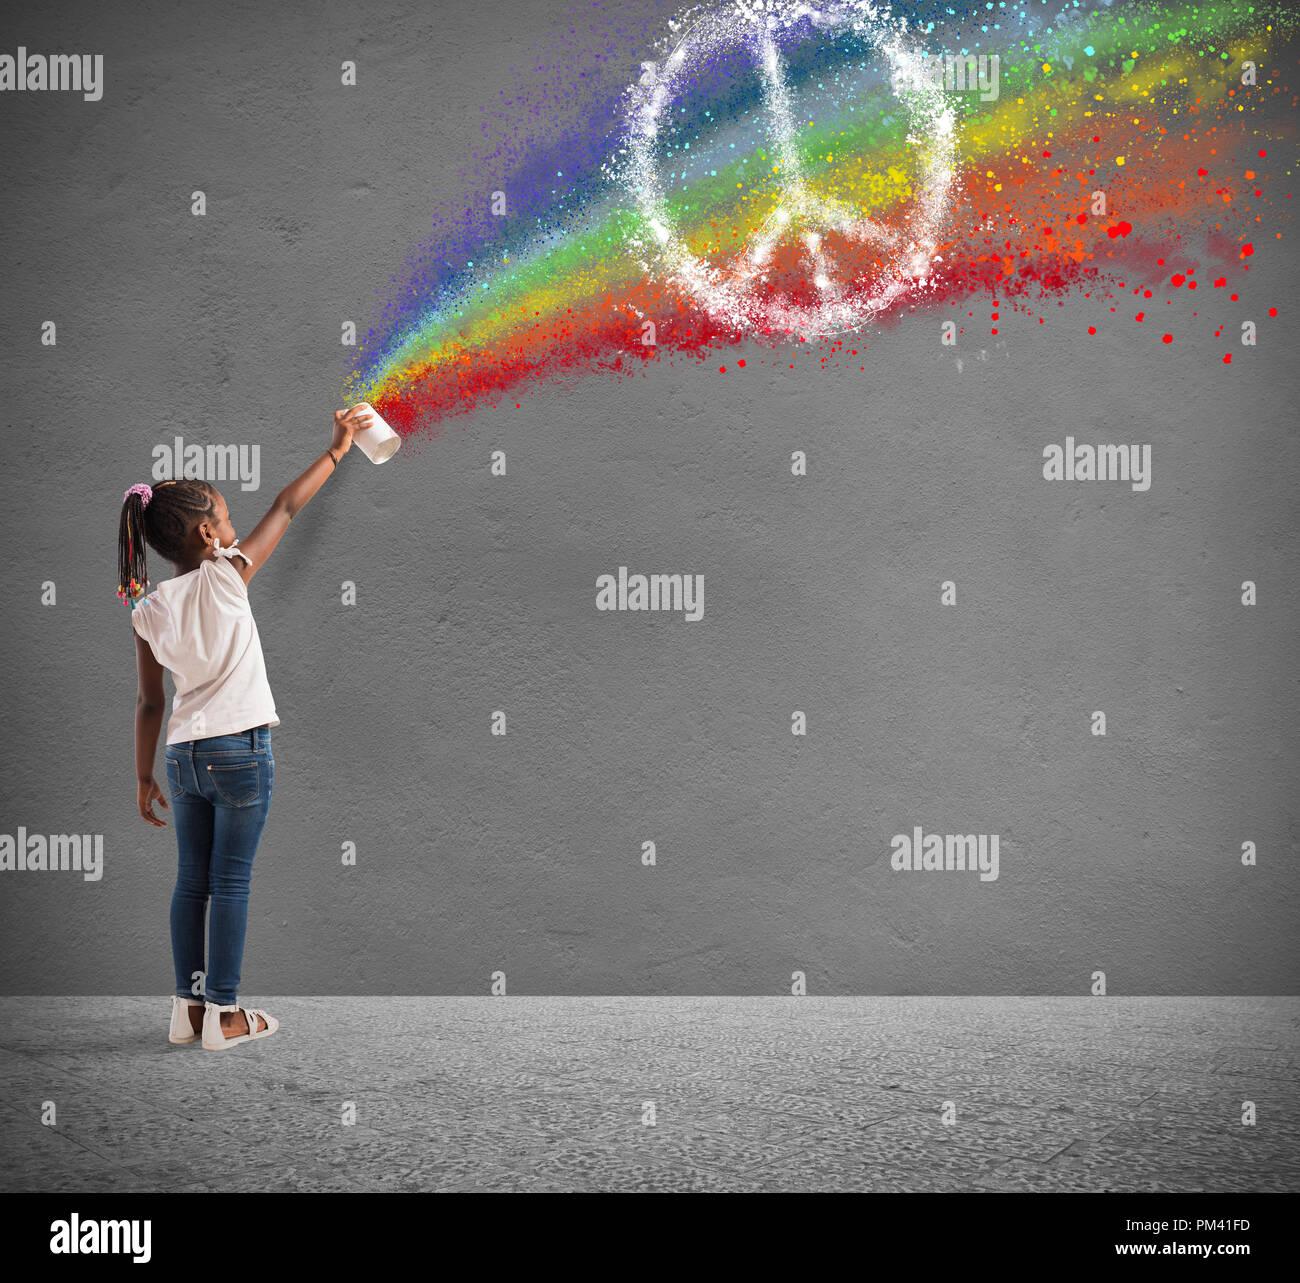 Kind zieht mit Spray die Farbe des Friedens Stockbild